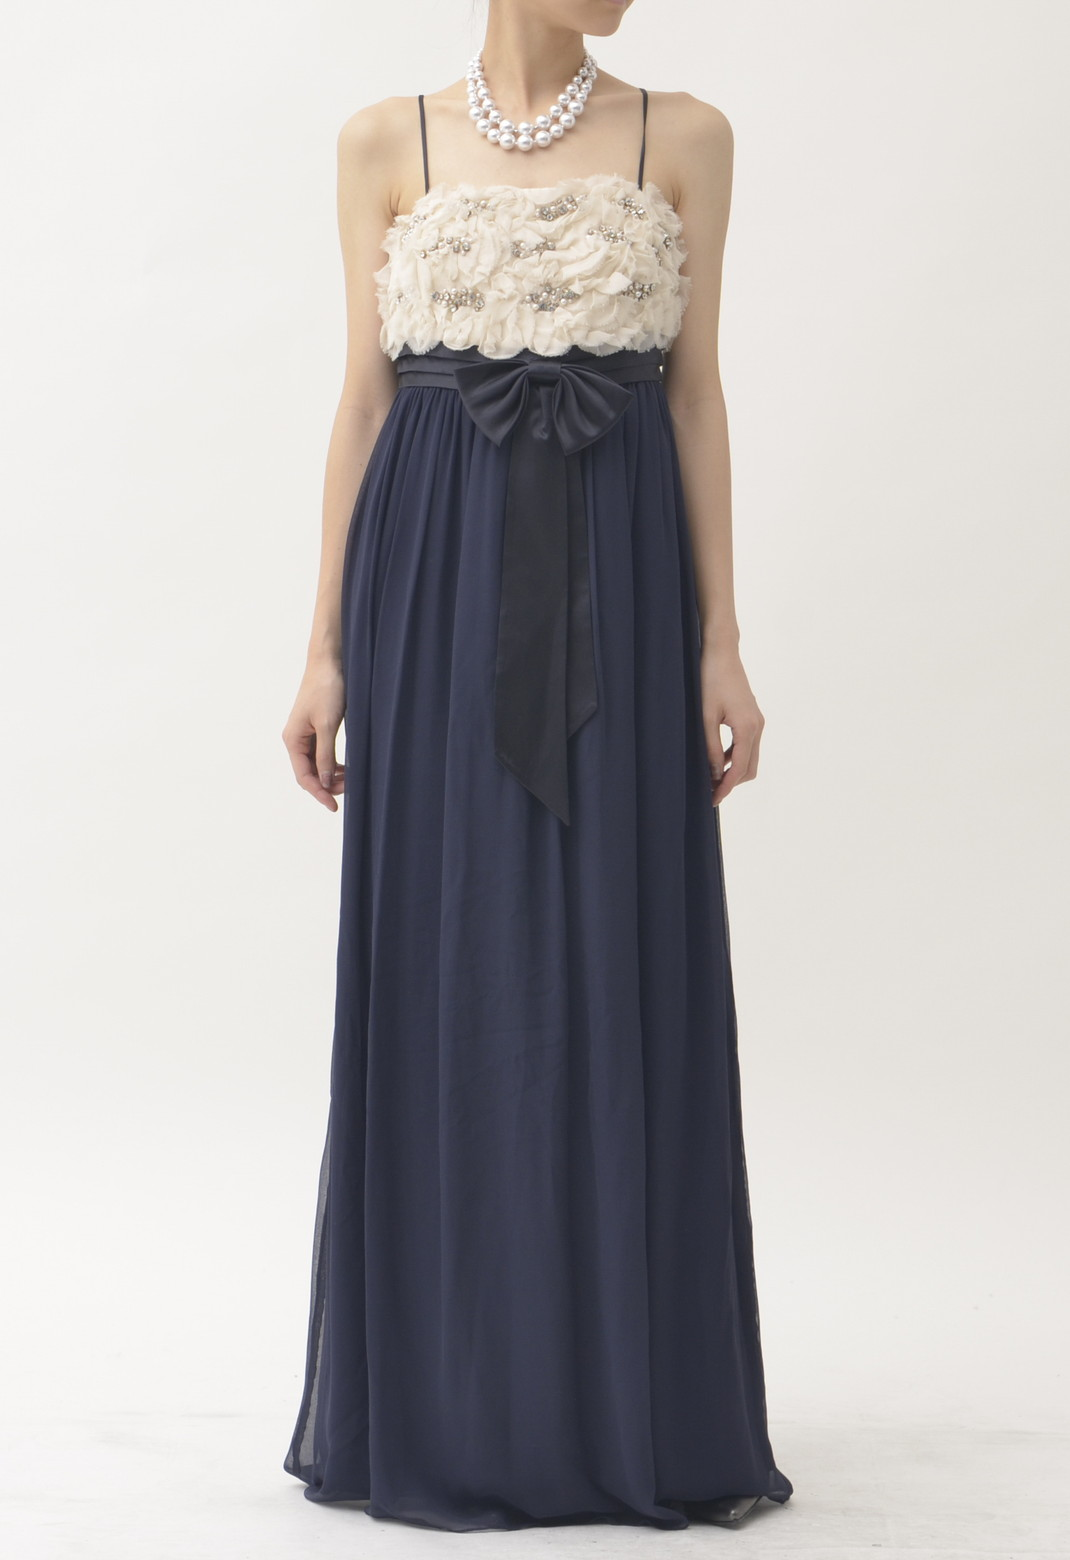 ビジュー飾り キャミソール ロング ドレス